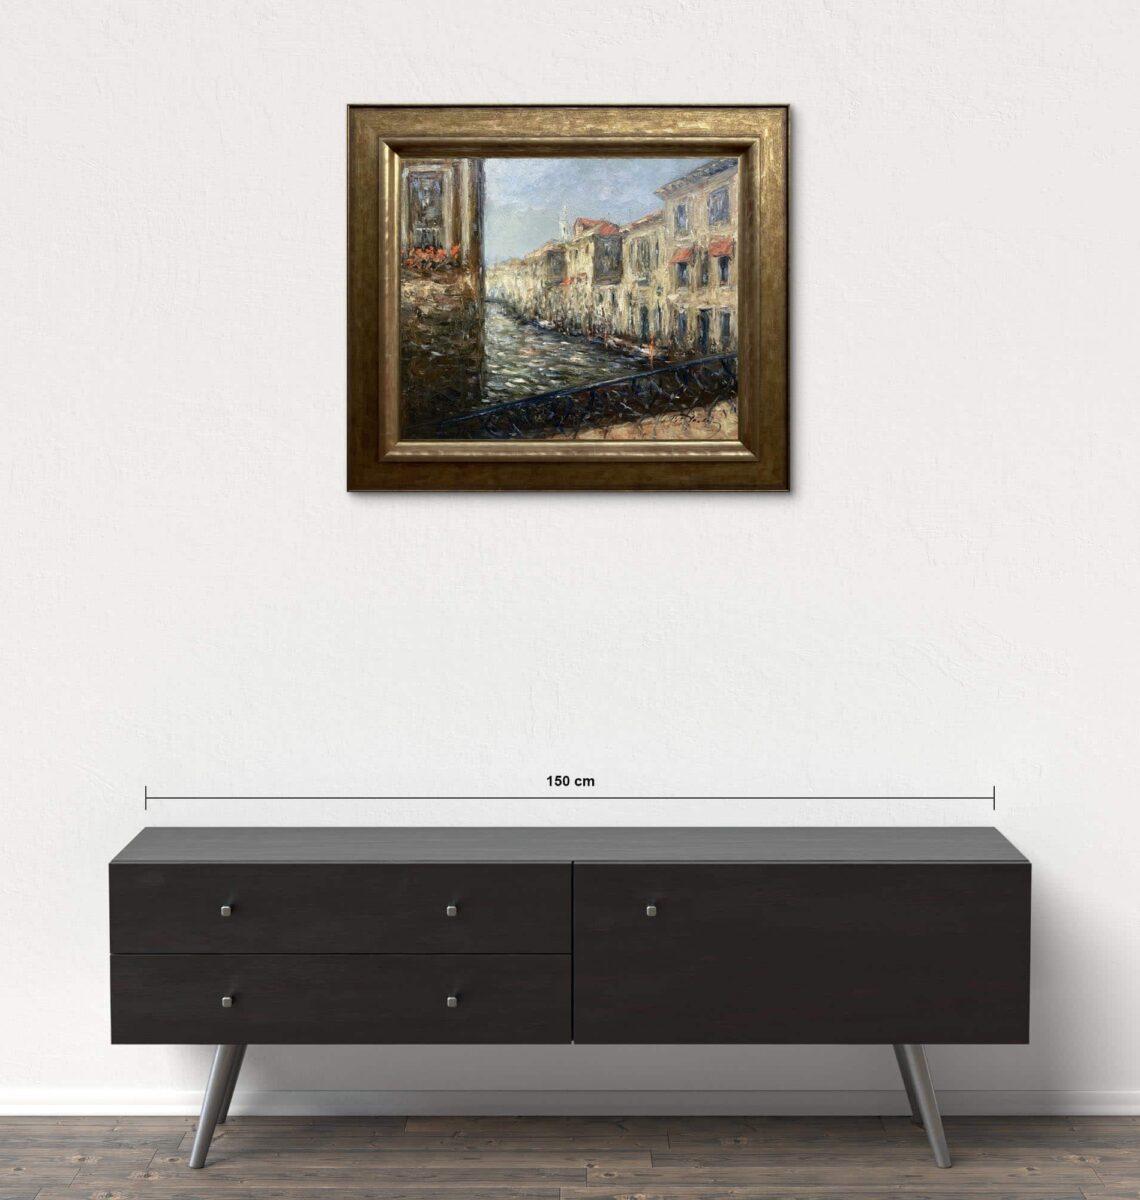 Názov: Benátky / Rozmery: 50x60 cm / Rok: 2014 / Technika: Olejomaľba